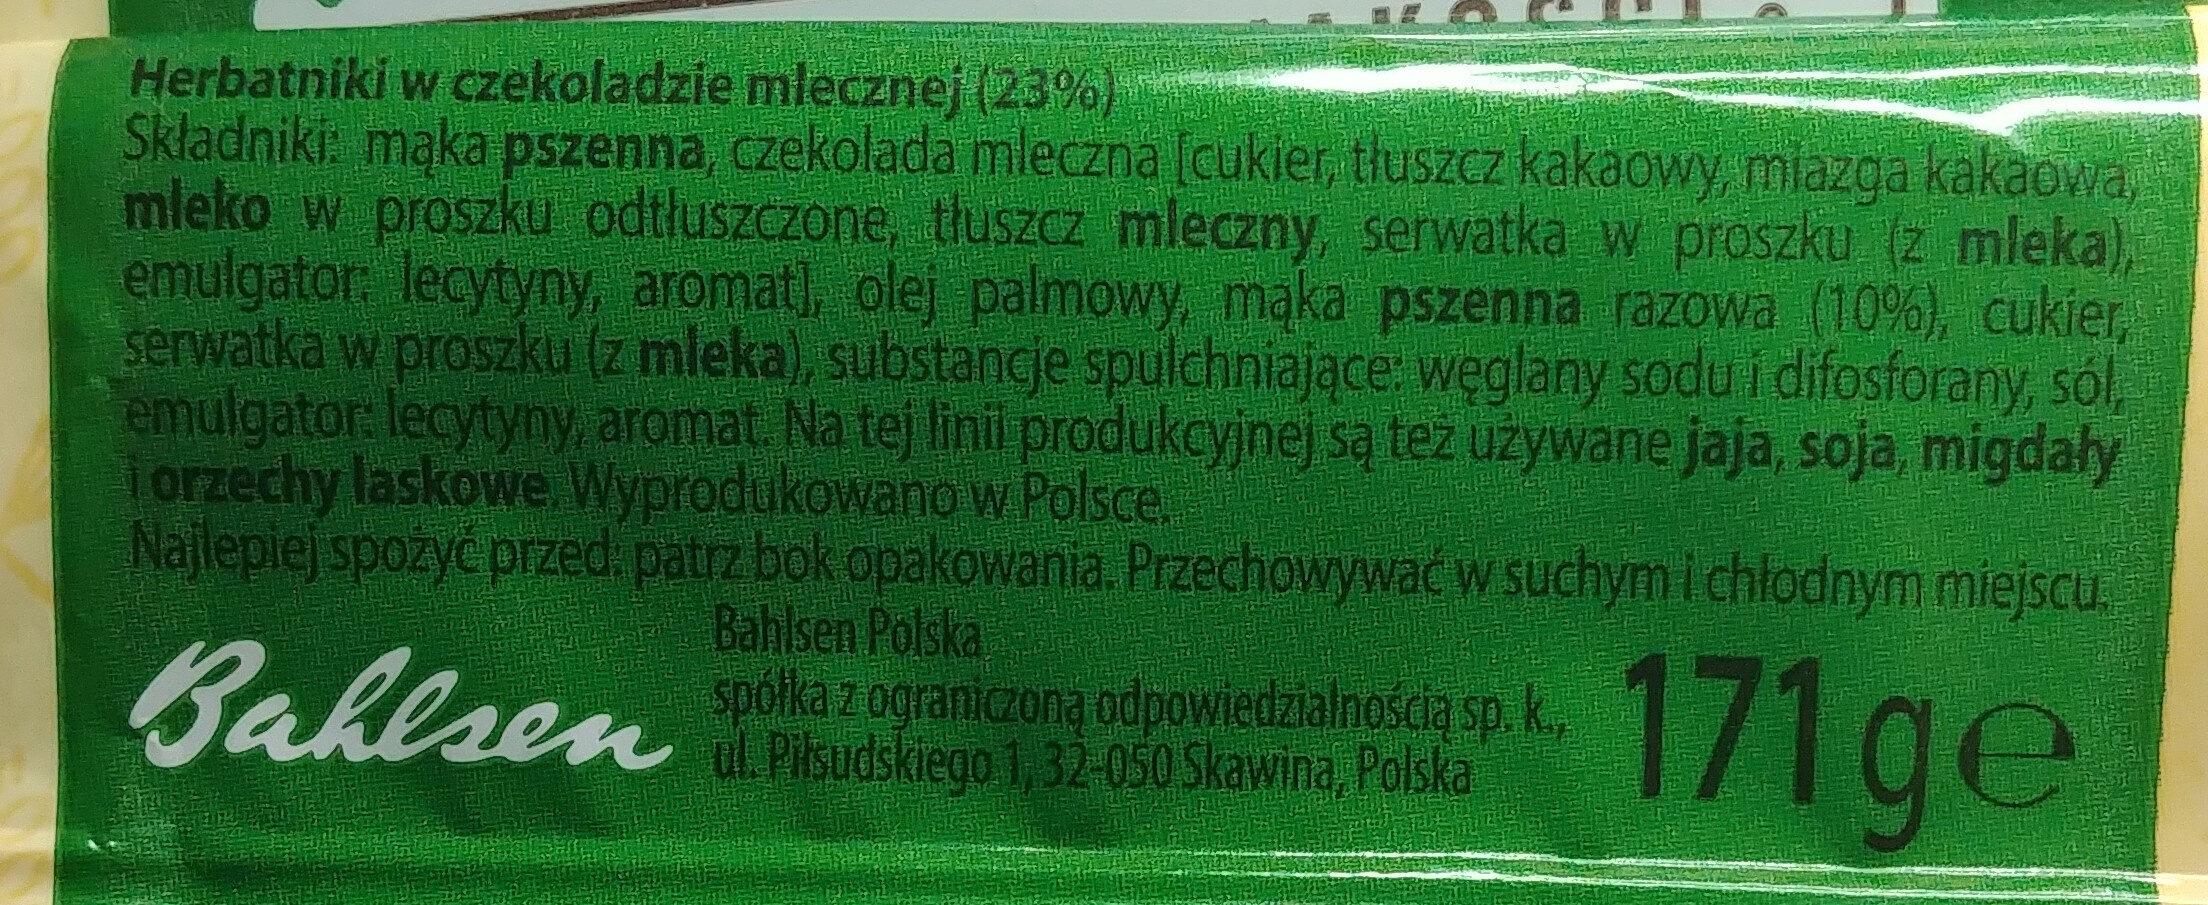 Herbatniki w czekoladzie mlecznej 23%. - Składniki